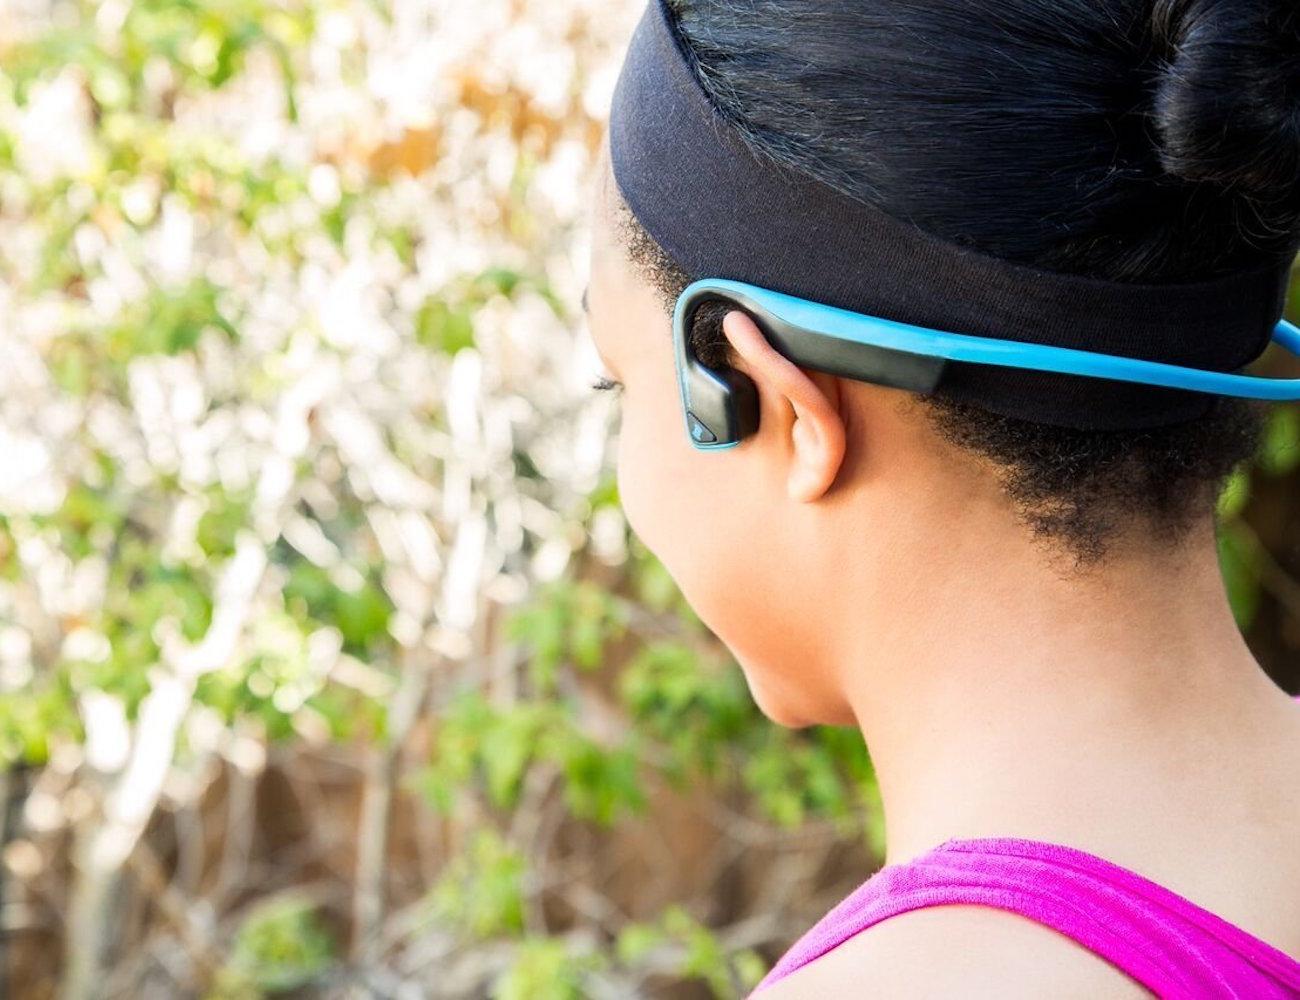 AfterShokz TREKZ Open-Ear Bluetooth Headphones